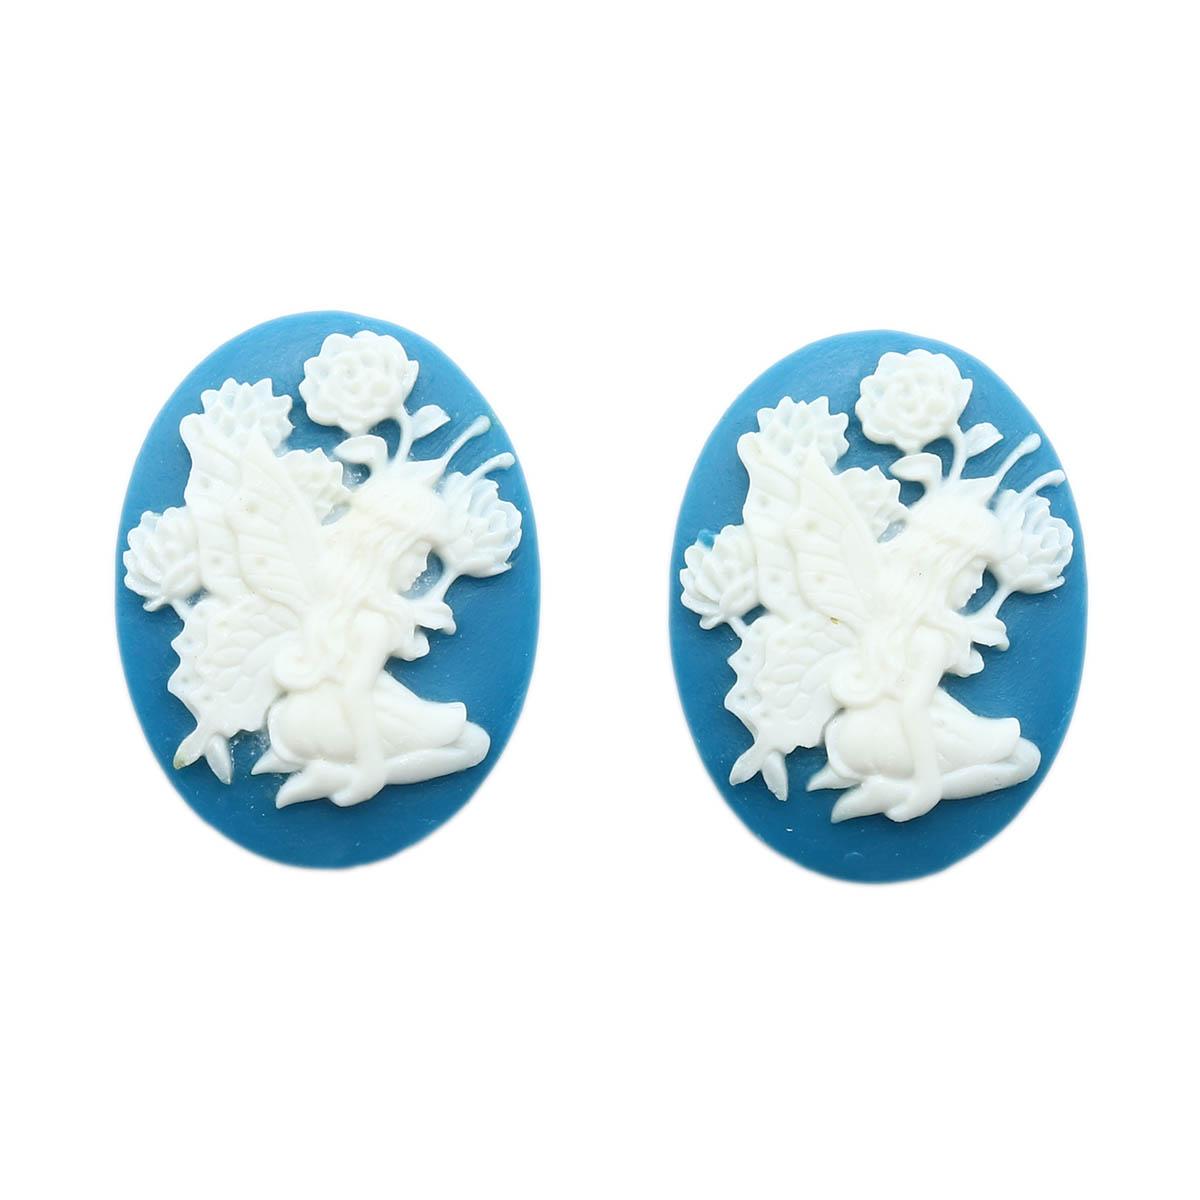 ARS0210 Камеи 'Фея', (полимер), бело-голубой, 3*4*0,5 см, упак./2 шт., Vintage Line